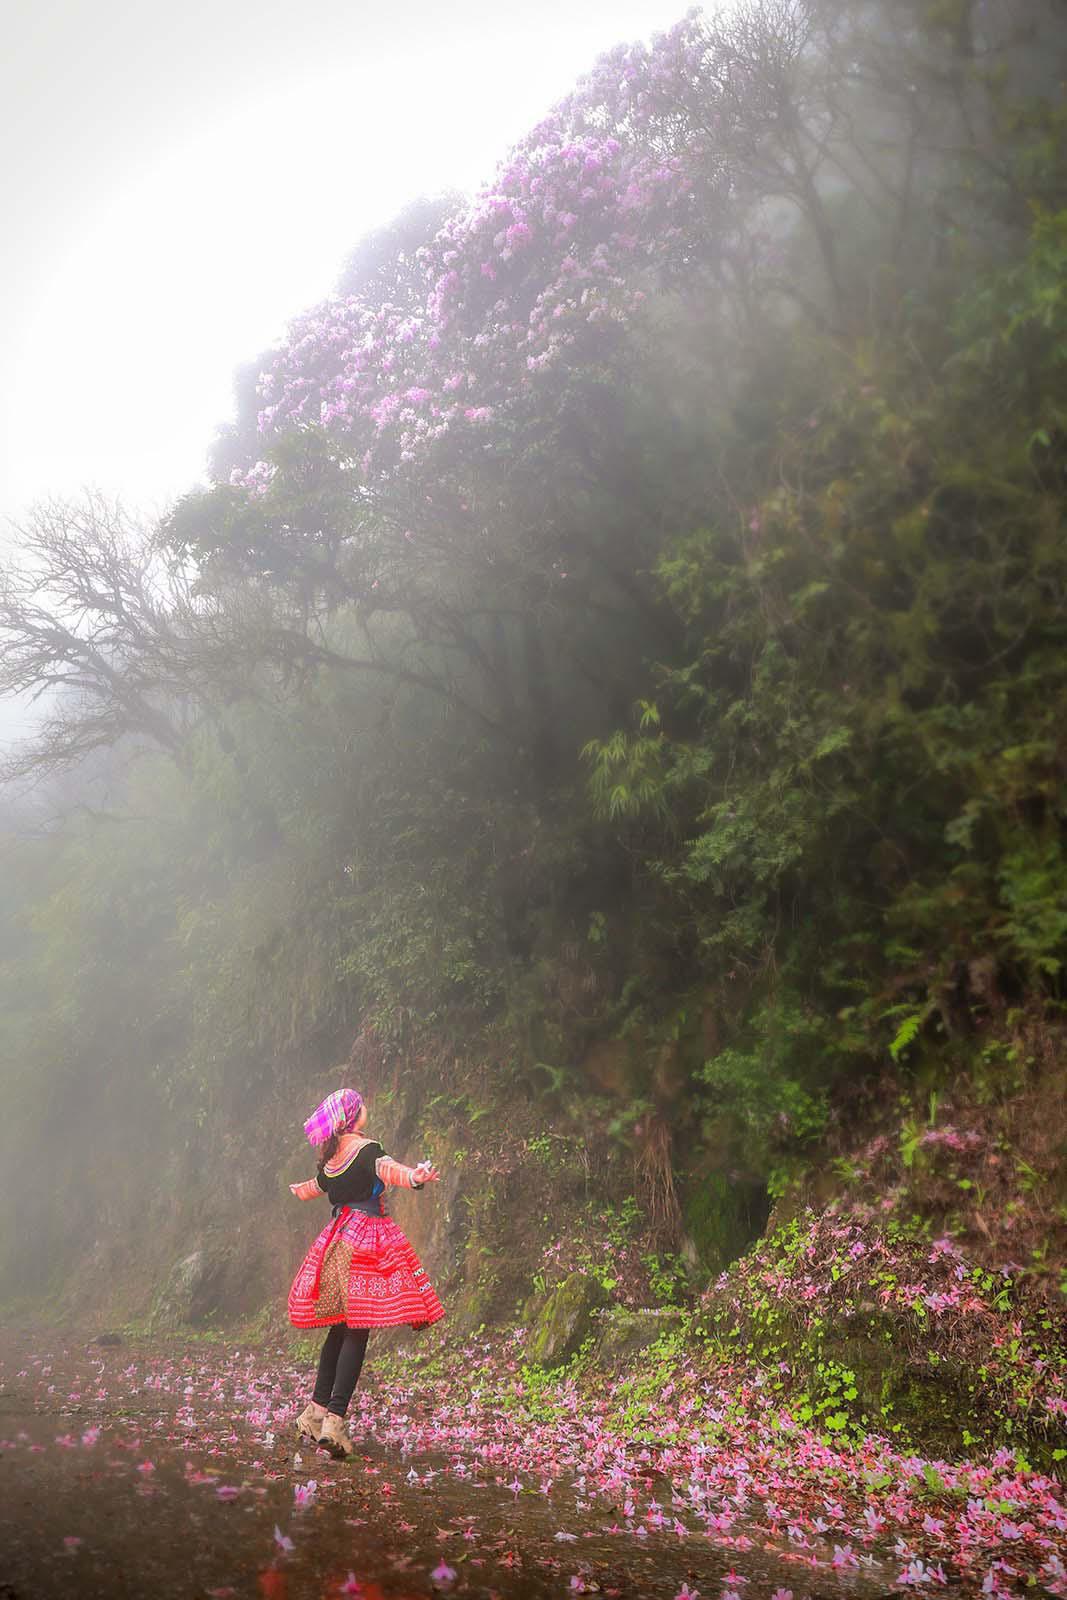 Cao Bằng: Mê mẩn sắc hoa Đỗ quyên cổ thụ rực rỡ trên đỉnh Phia Oắc - Ảnh 7.